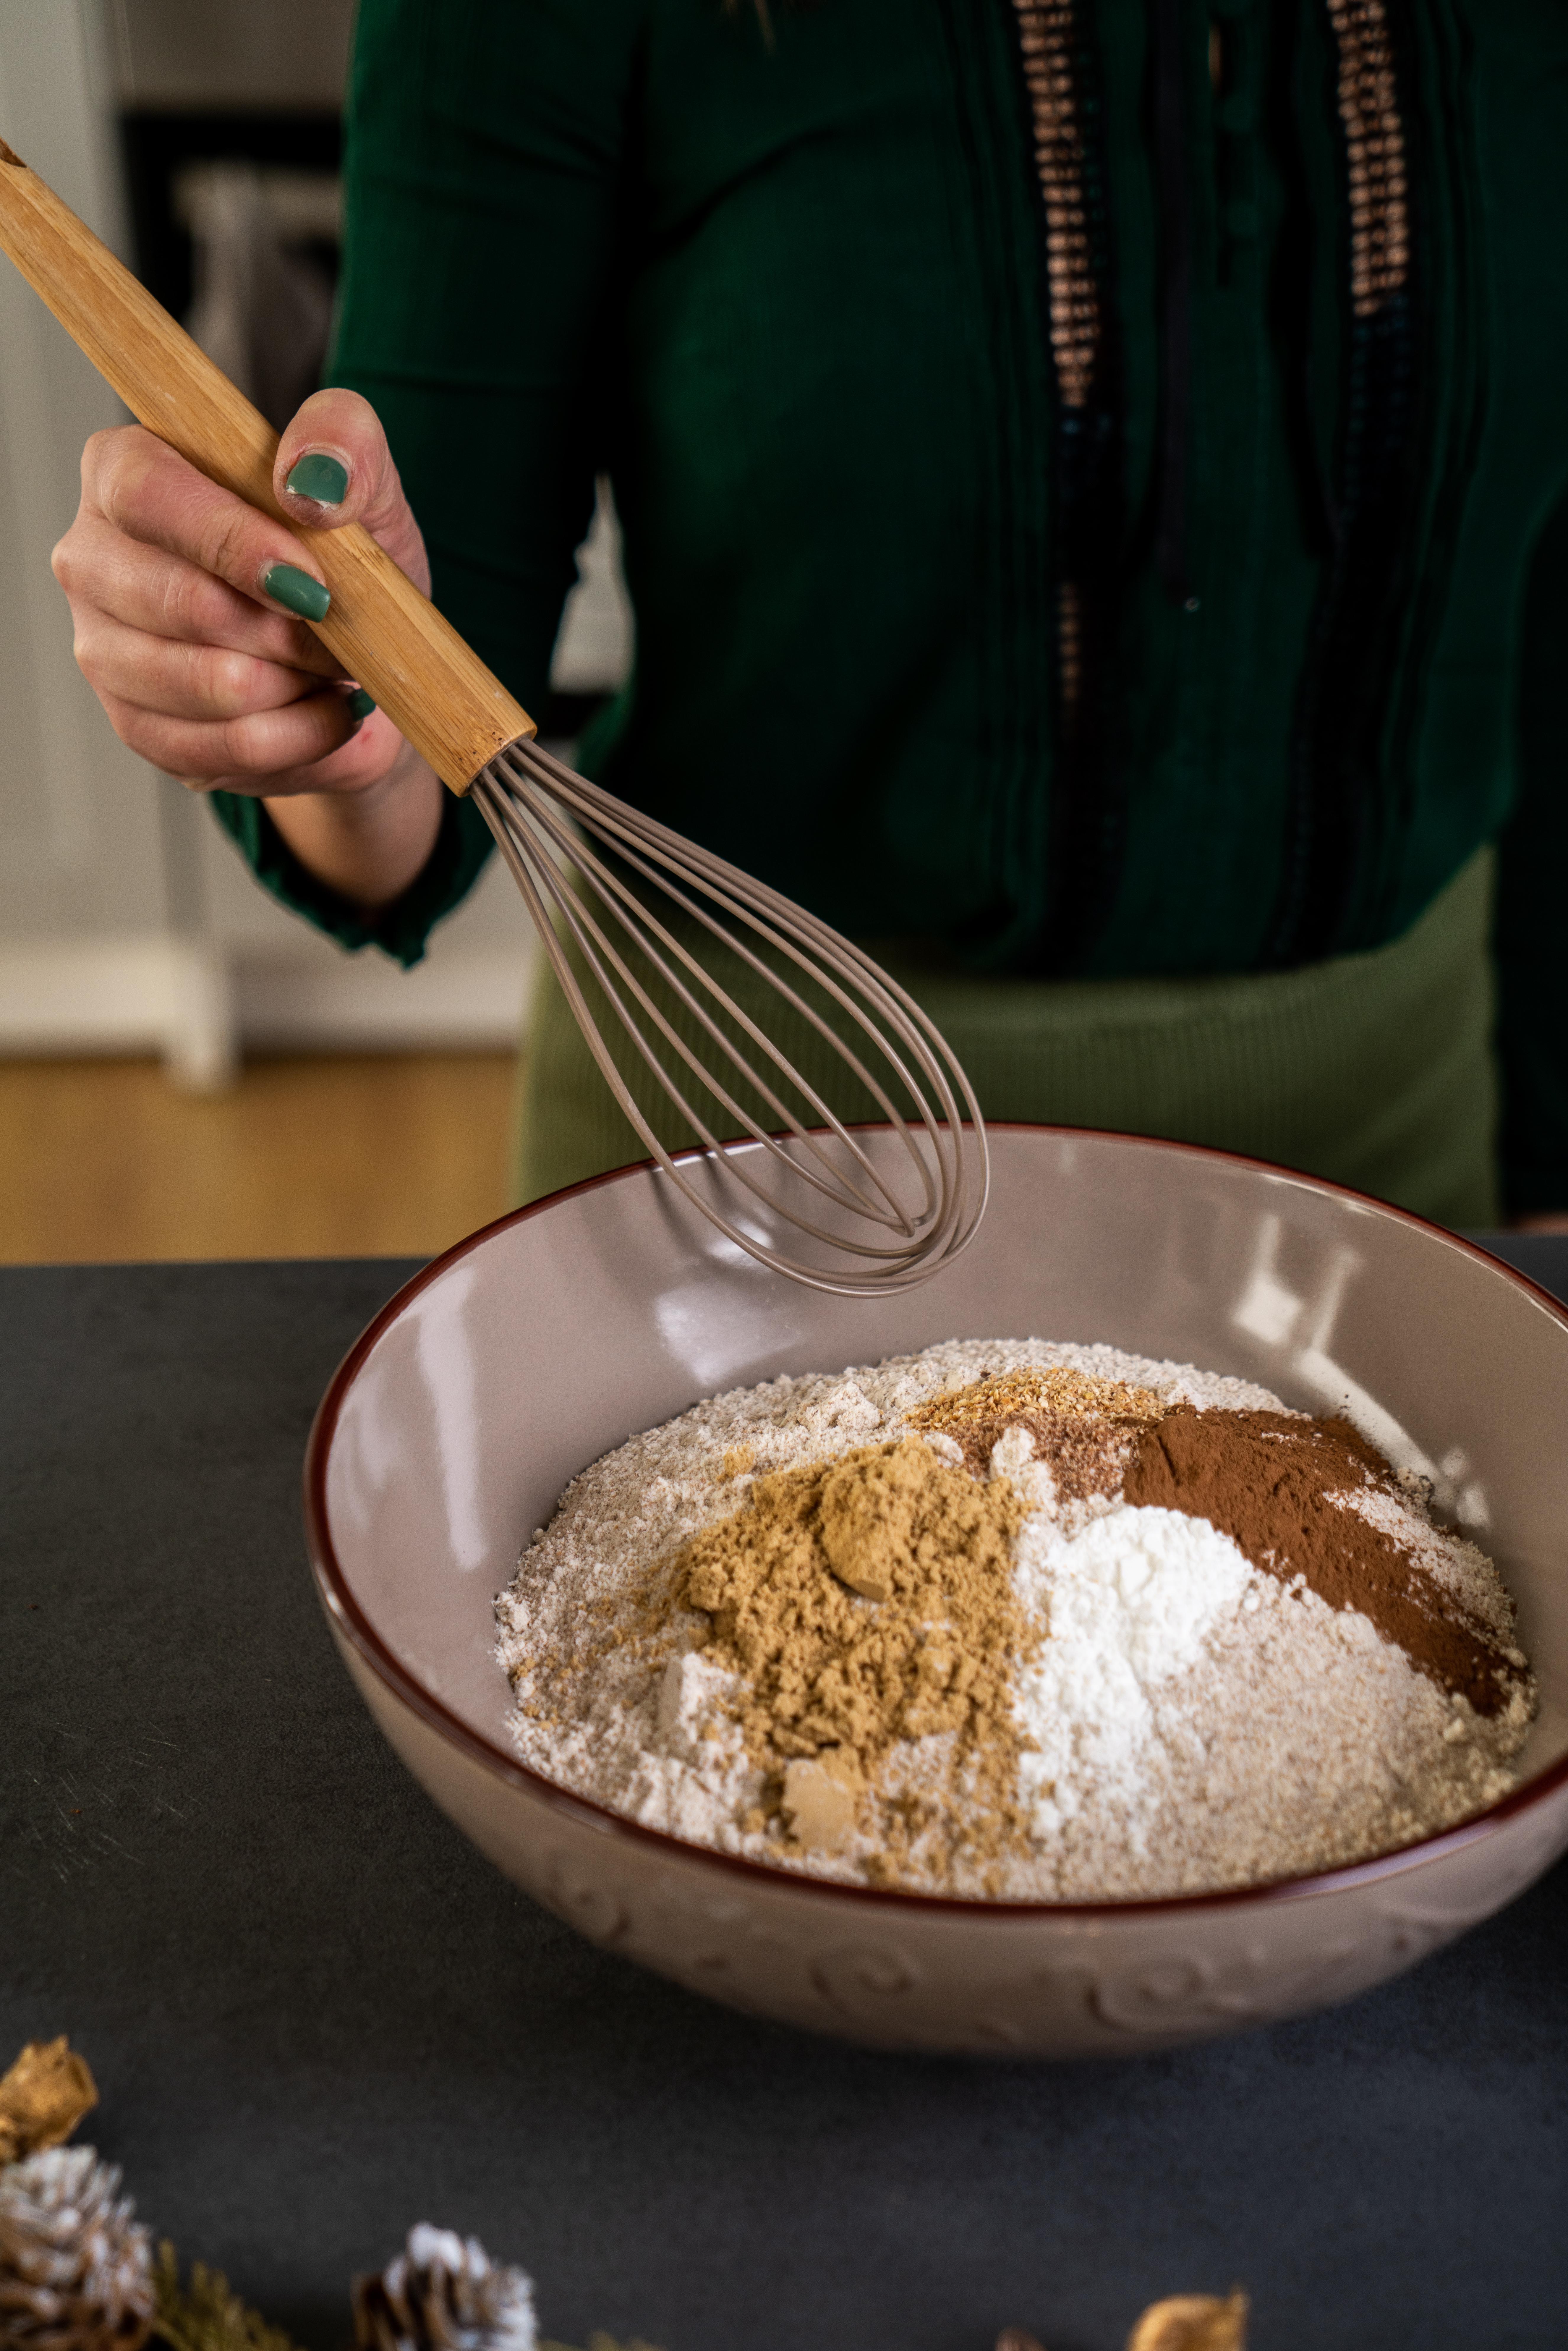 mezclar los ingredientes secos todos juntos, ideas de recetas saludables y fáciles de hacer para preparar galletas de Navidad